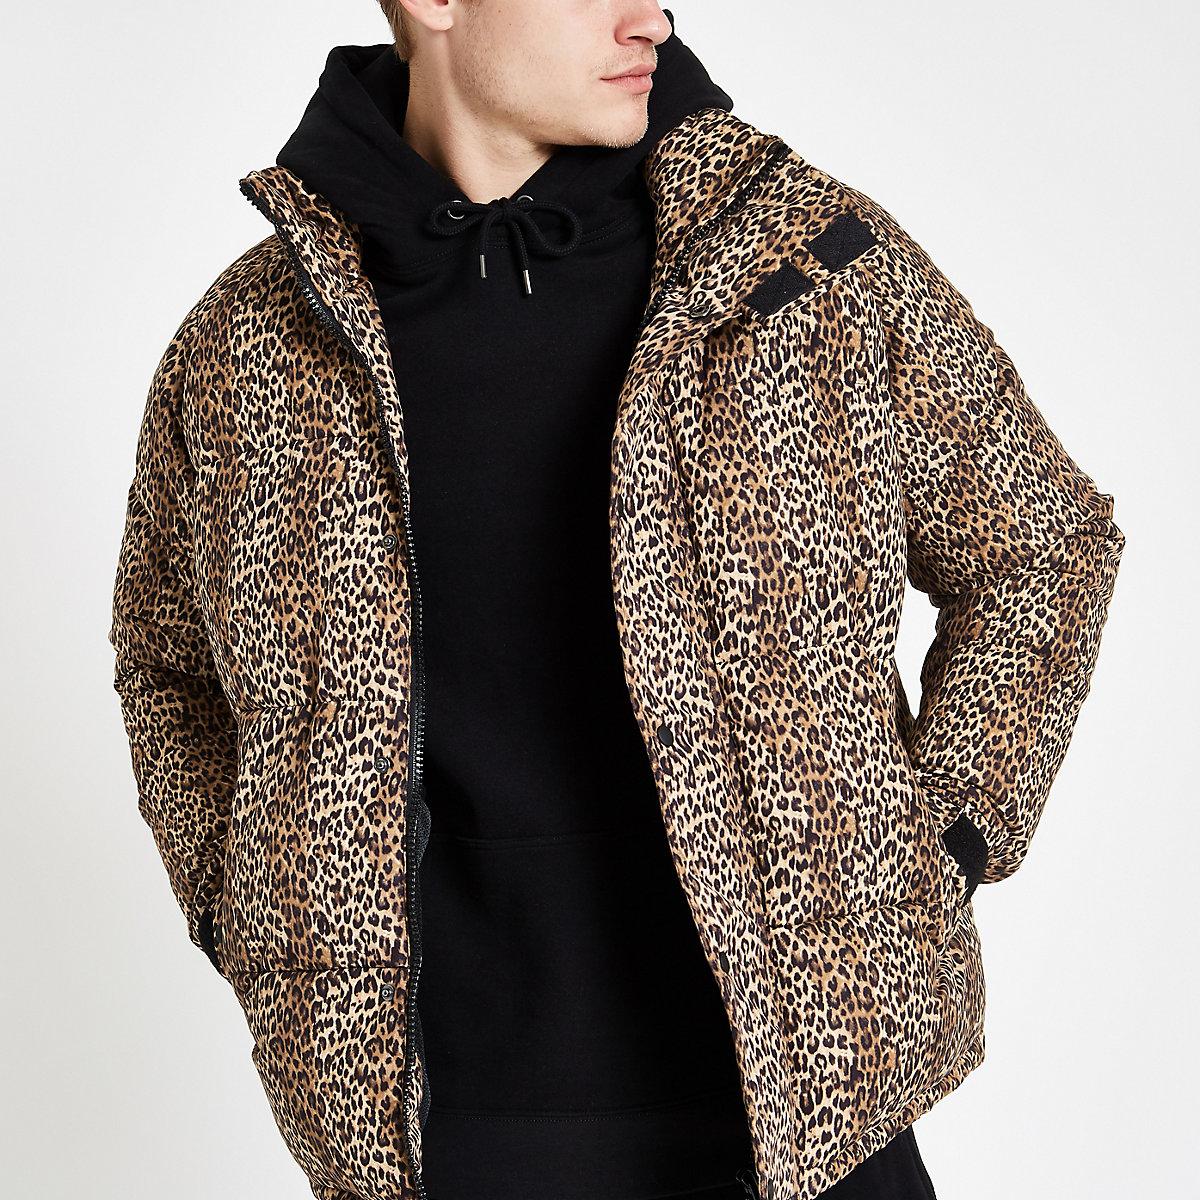 08d6955e54d9 Brown leopard print puffer jacket - Jackets - Coats   Jackets - men